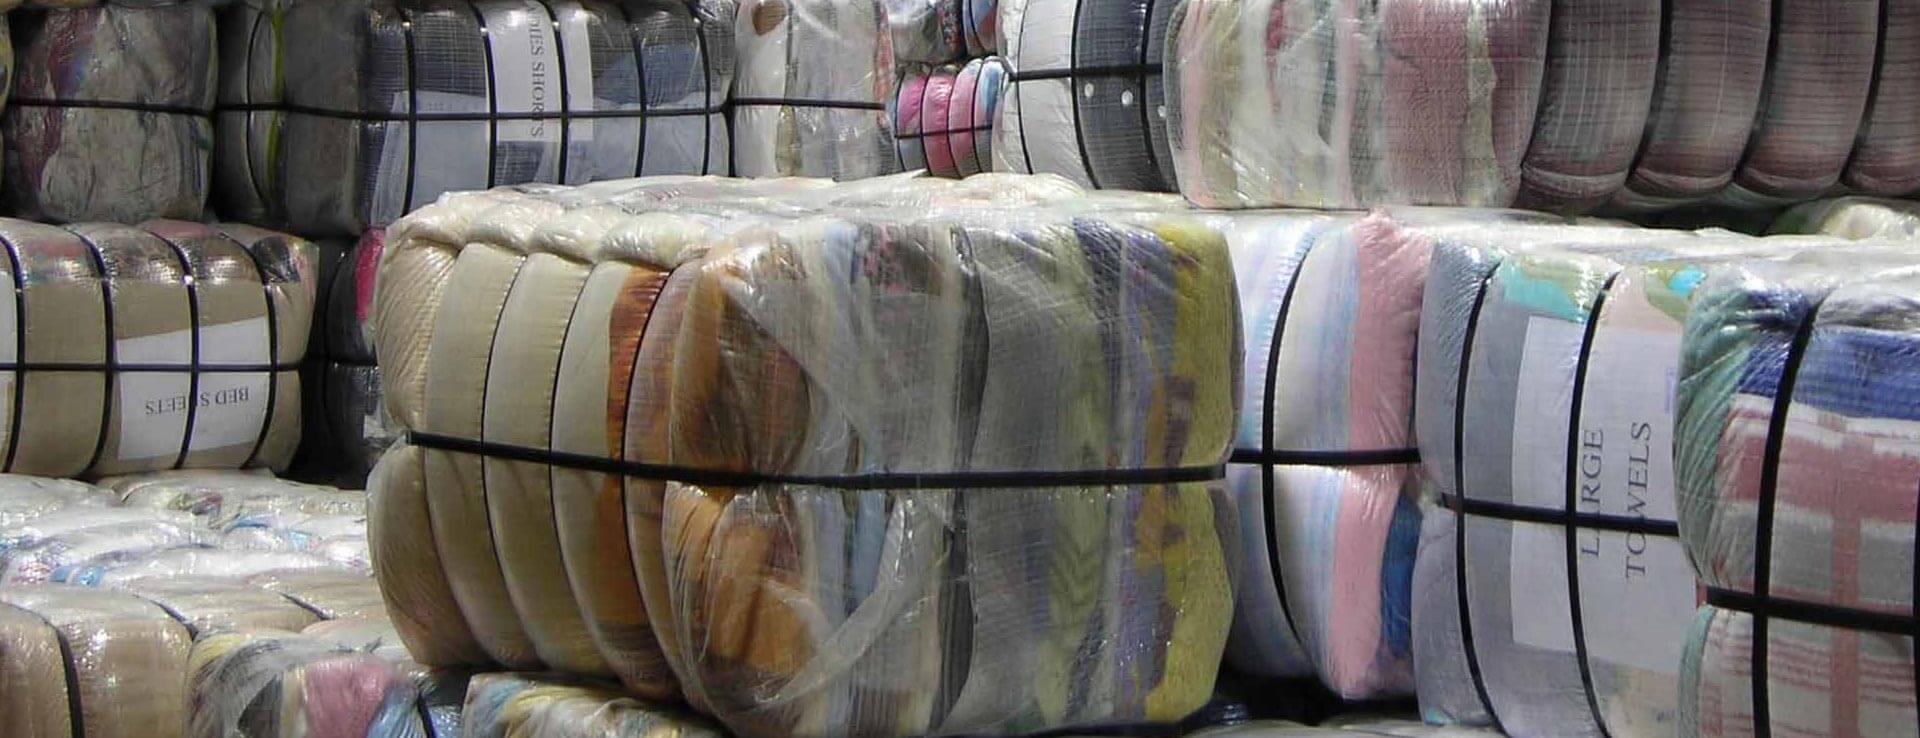 Hàng thùng nguyên kiện